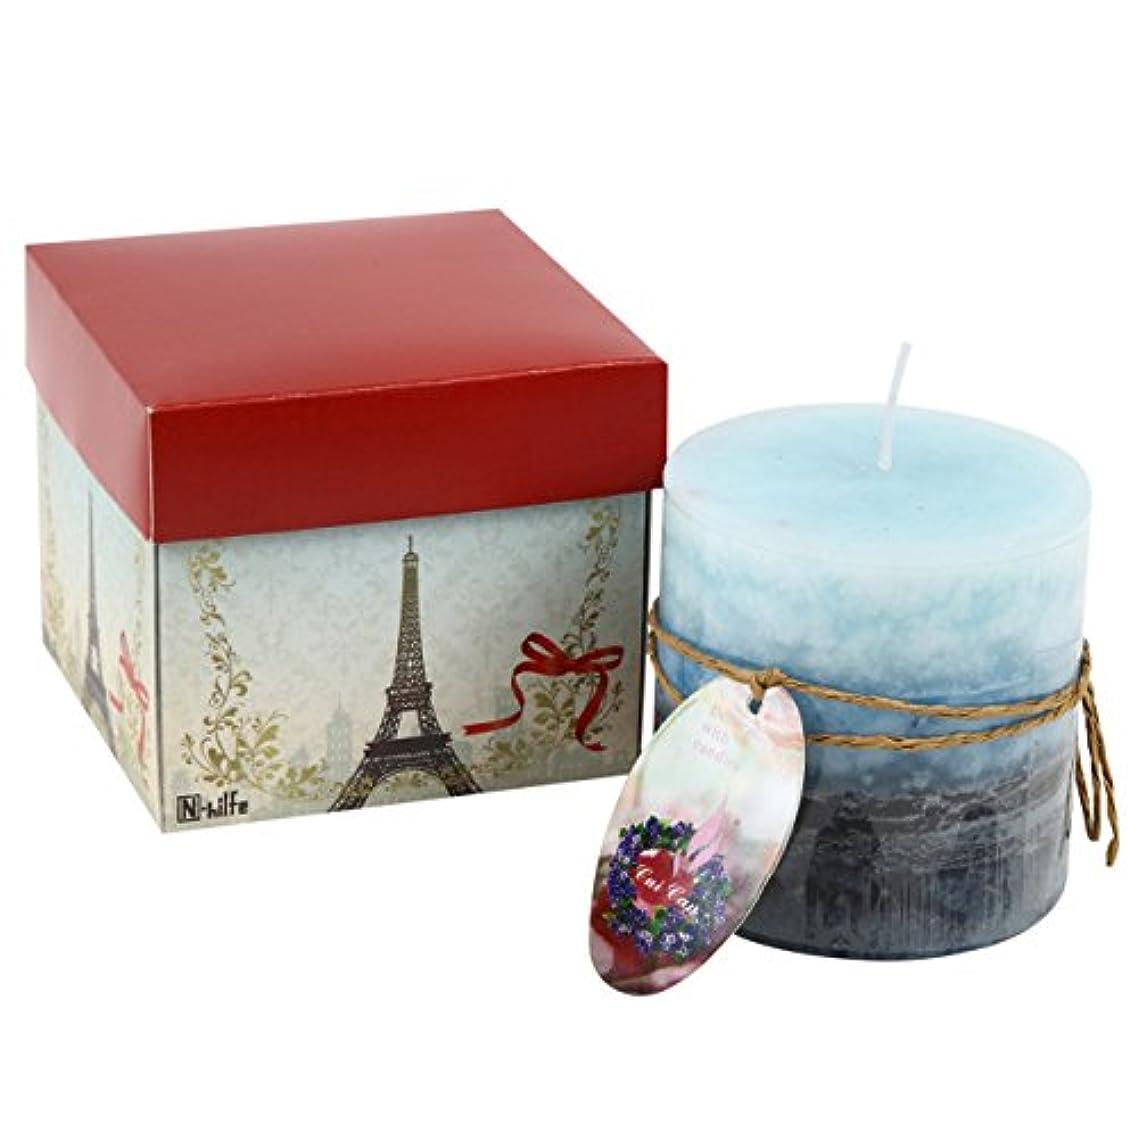 悪用毎週用心するN-hilfe キャンドル 7.5x7.5cm 蝋燭 アロマキャンドル (ビーチ,青)